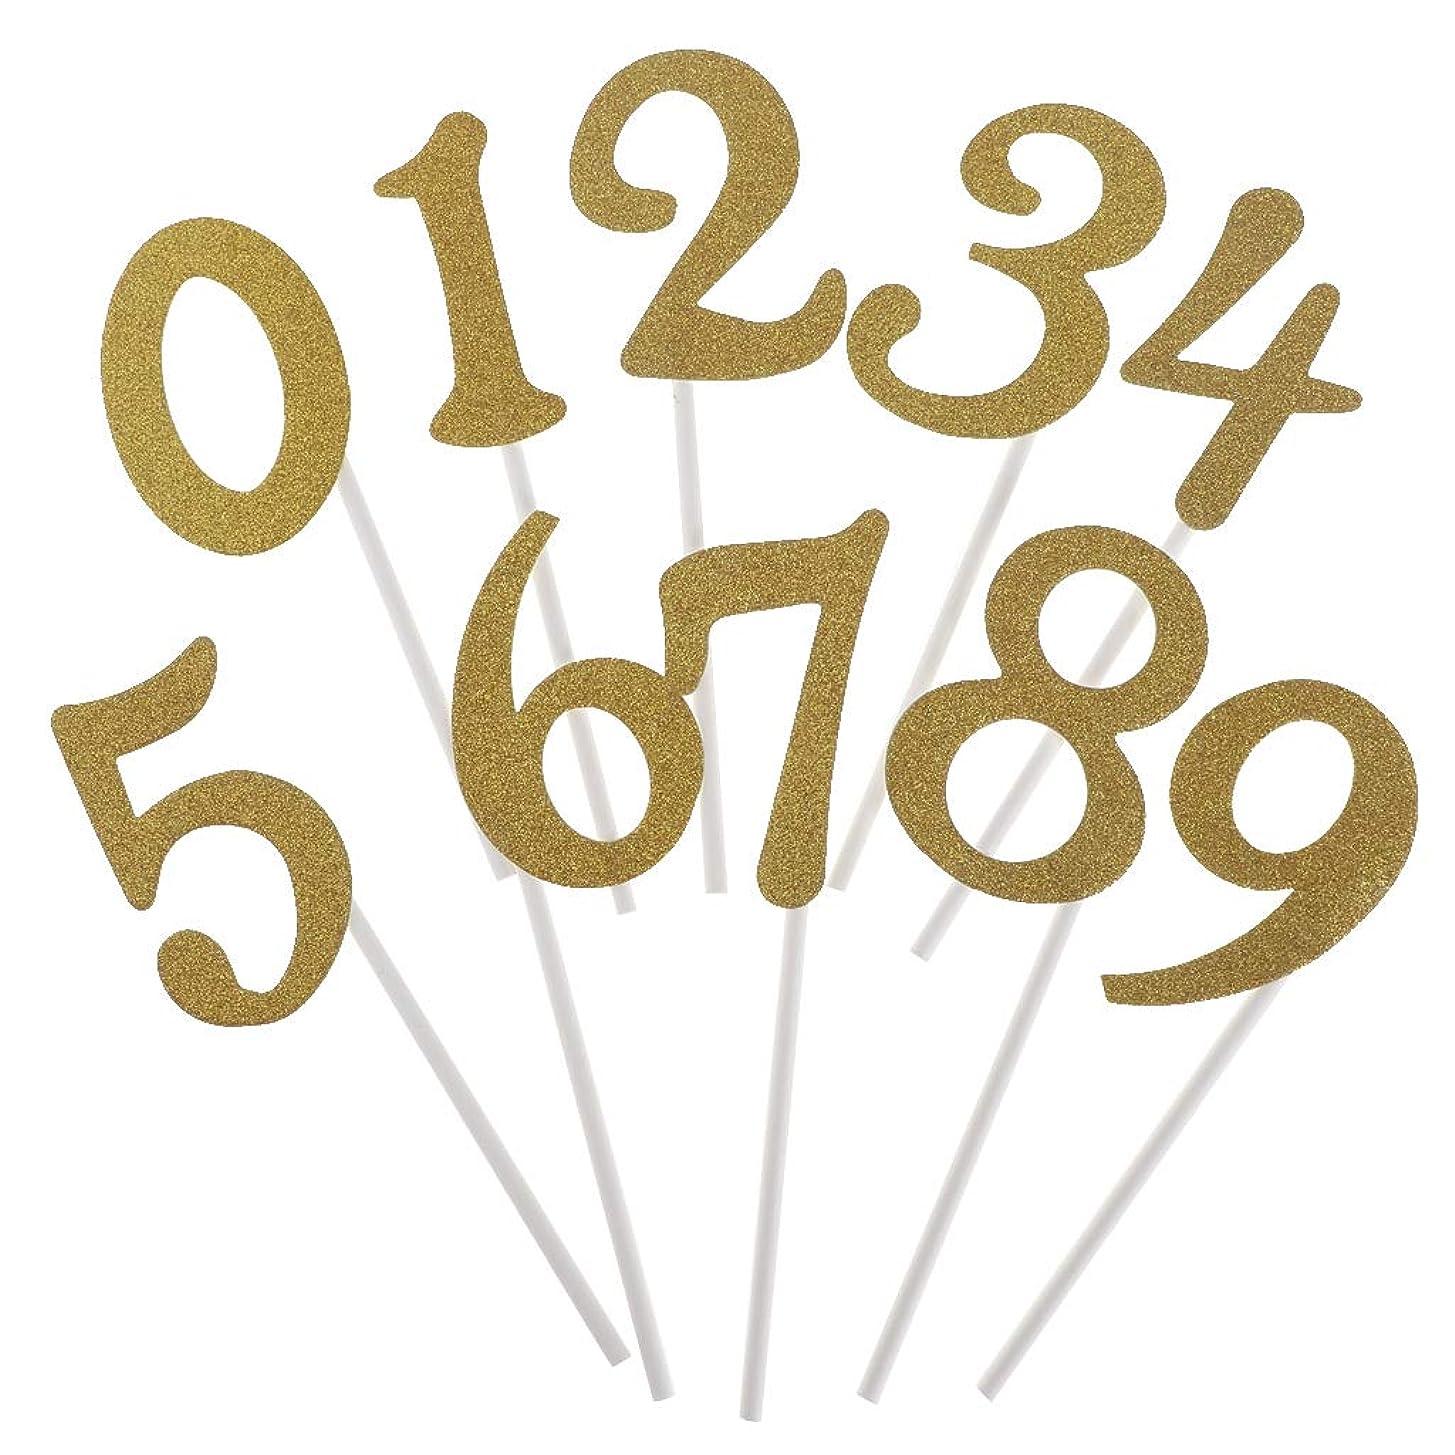 パッドライム広まったSharplace 10本 ケーキトッパー ナンバー 数字 誕生日ケーキ 記念日 パーティー 2色選べ - ゴールド